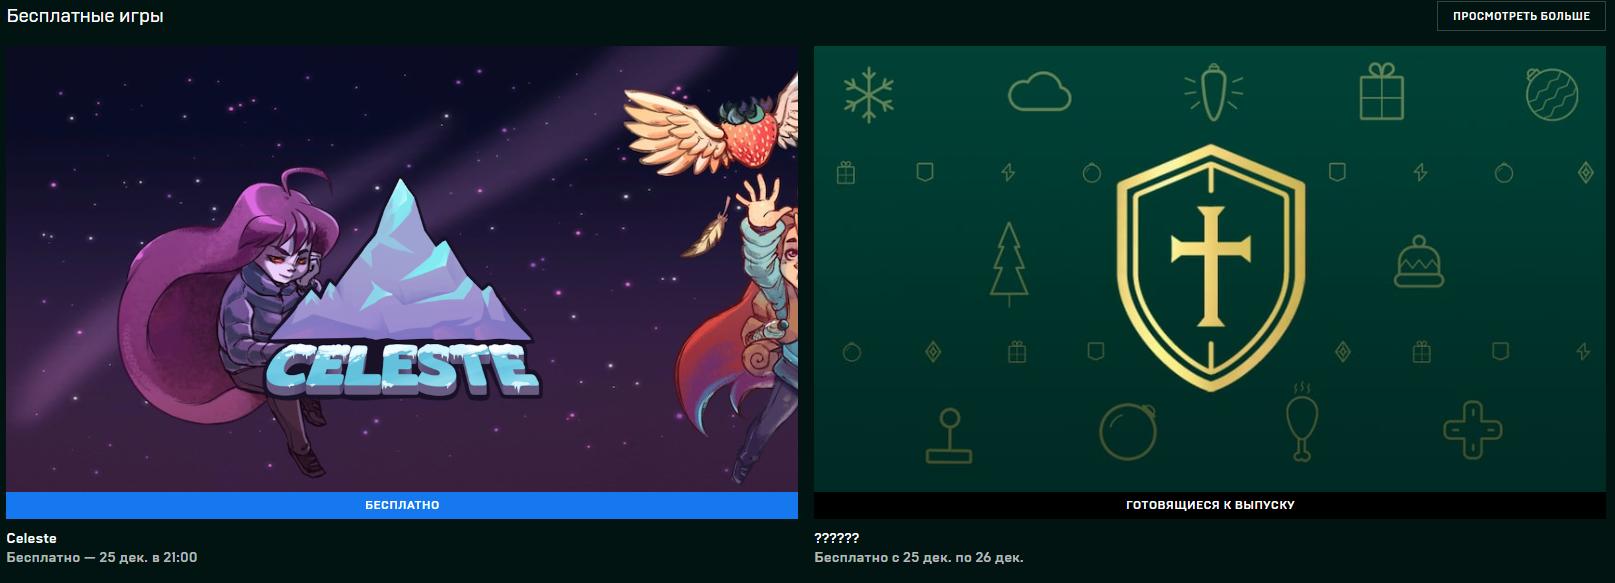 В Epic Games Store началась бесплатная раздача платформера Celeste